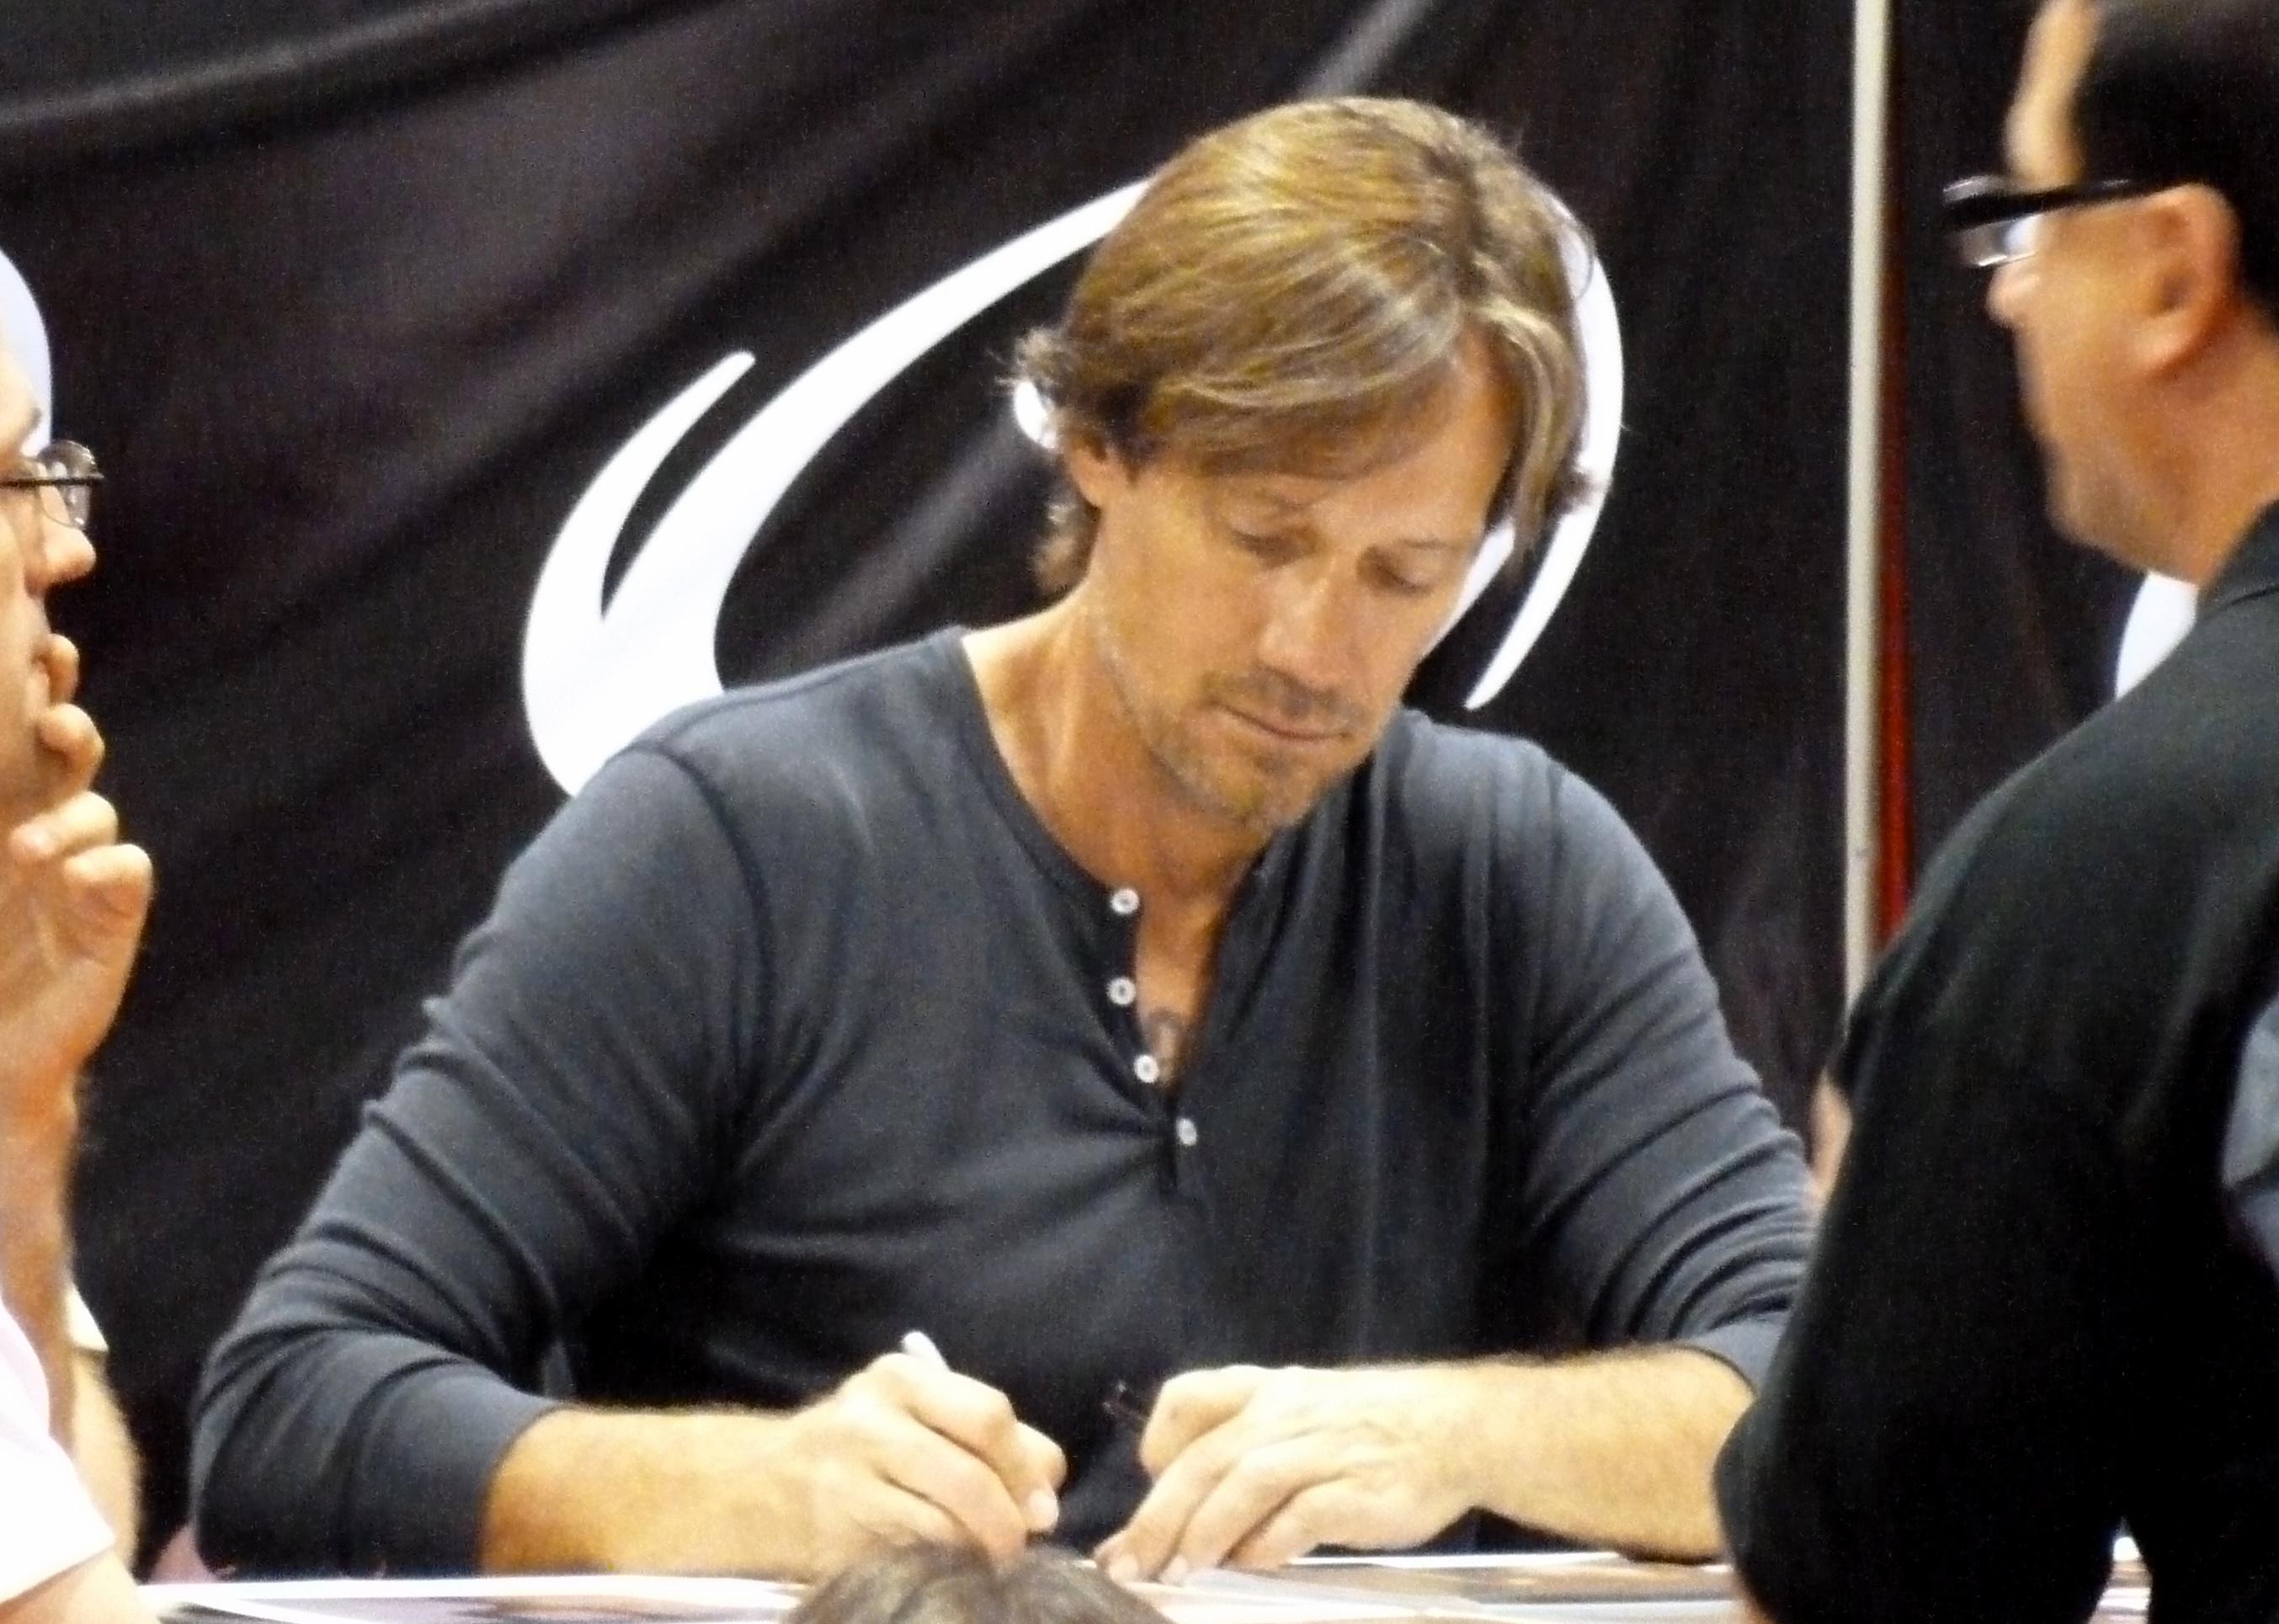 Kevin Sorbo Wikipedia